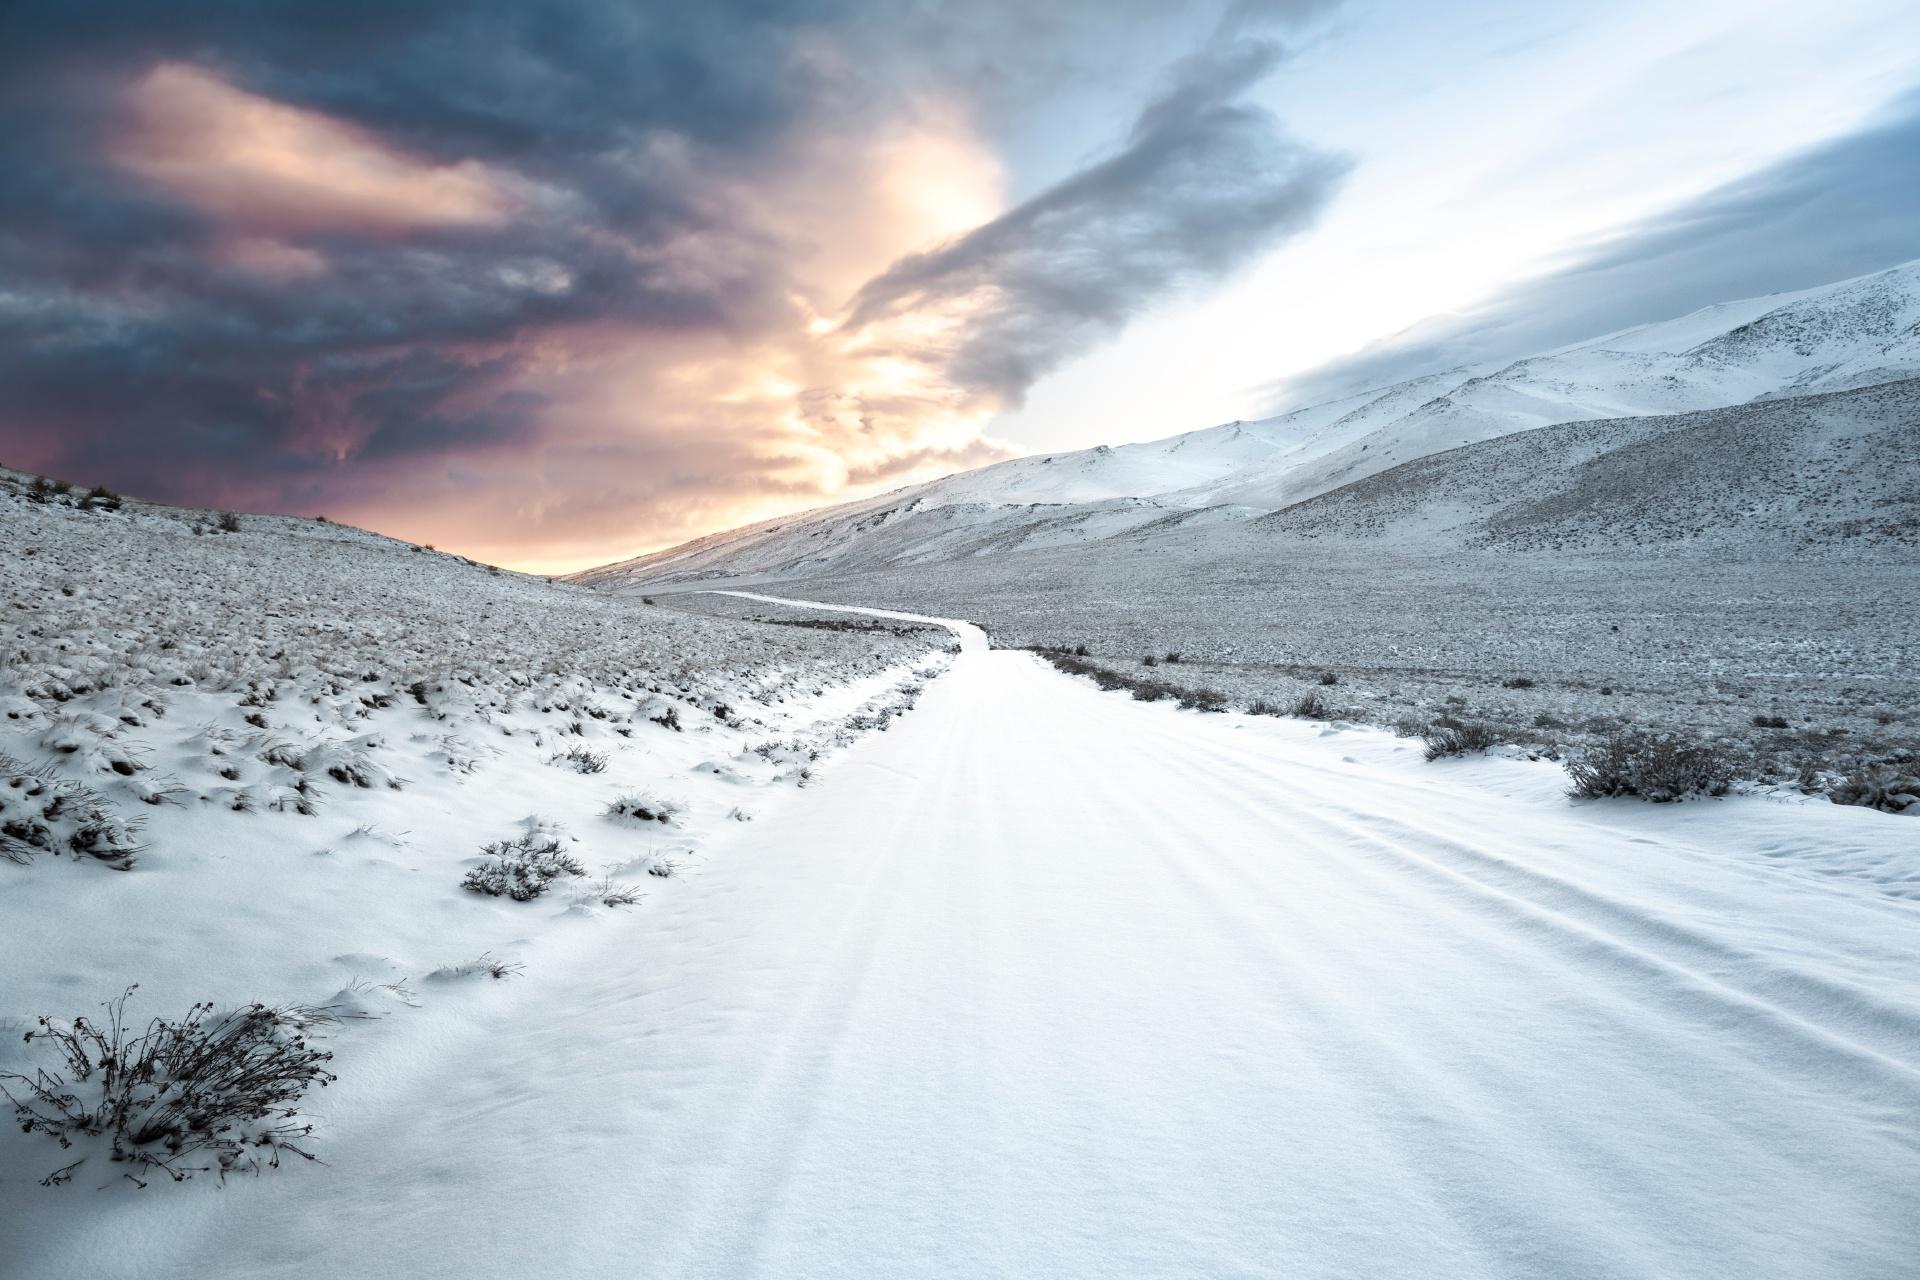 早朝のトロメン国立公園の風景 アルゼンチンの風景